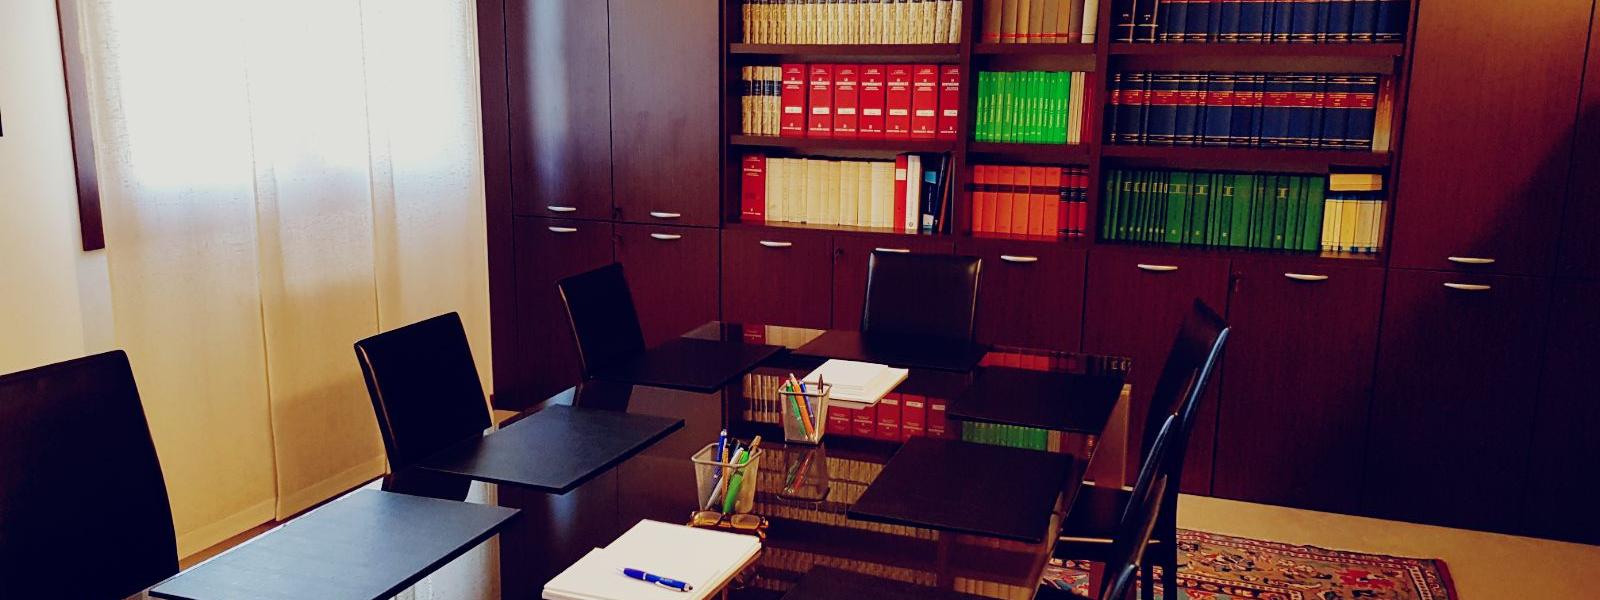 Studio Legale Spiga Foto Copertina 2